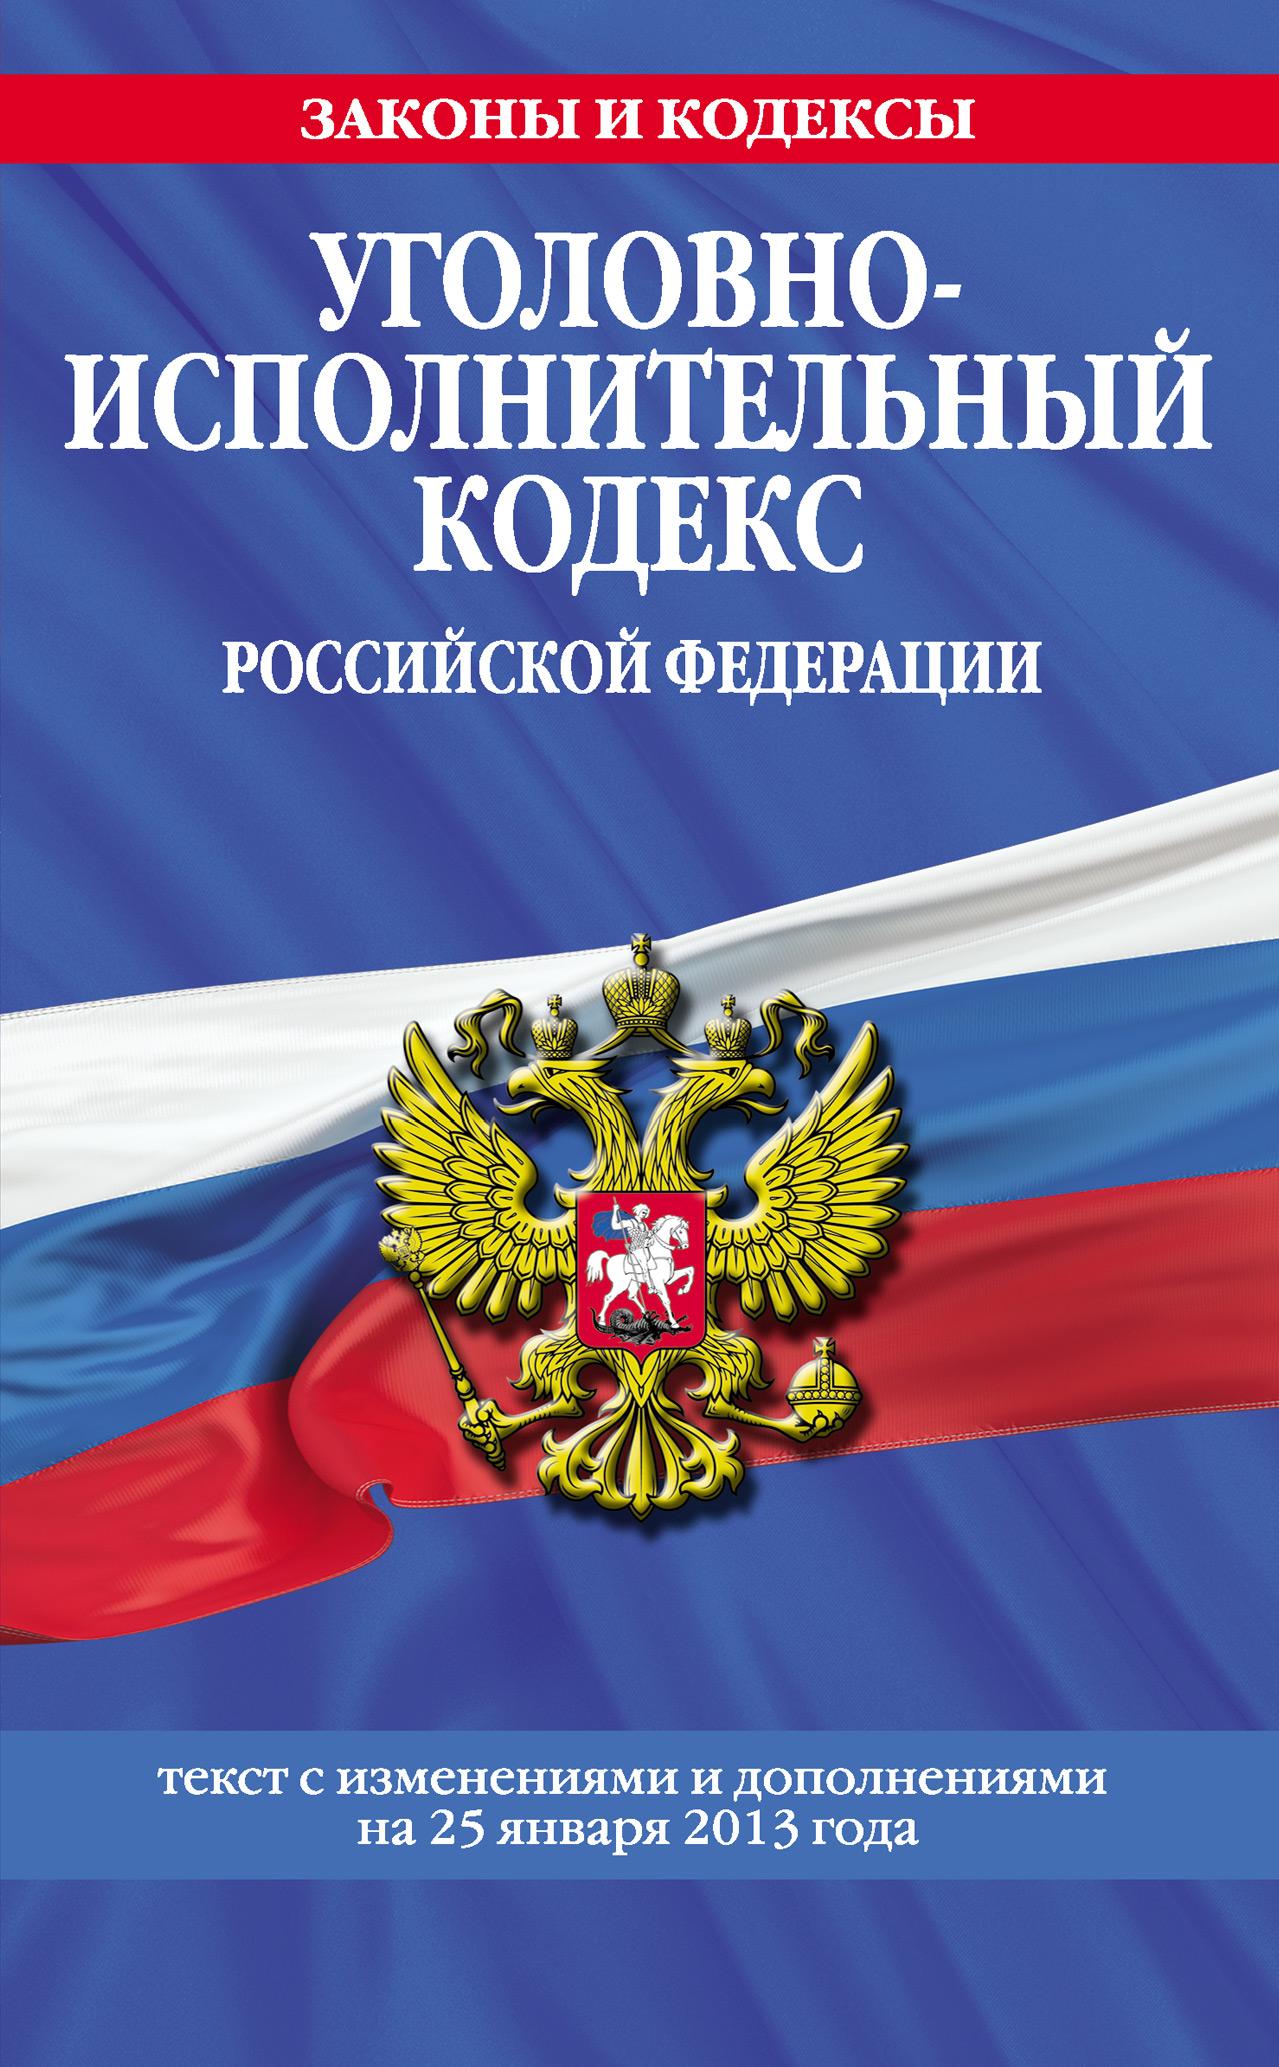 Уголовно-исполнительный кодекс Российской Федерации.Текст с изменениями и дополнениямина25 января2013года